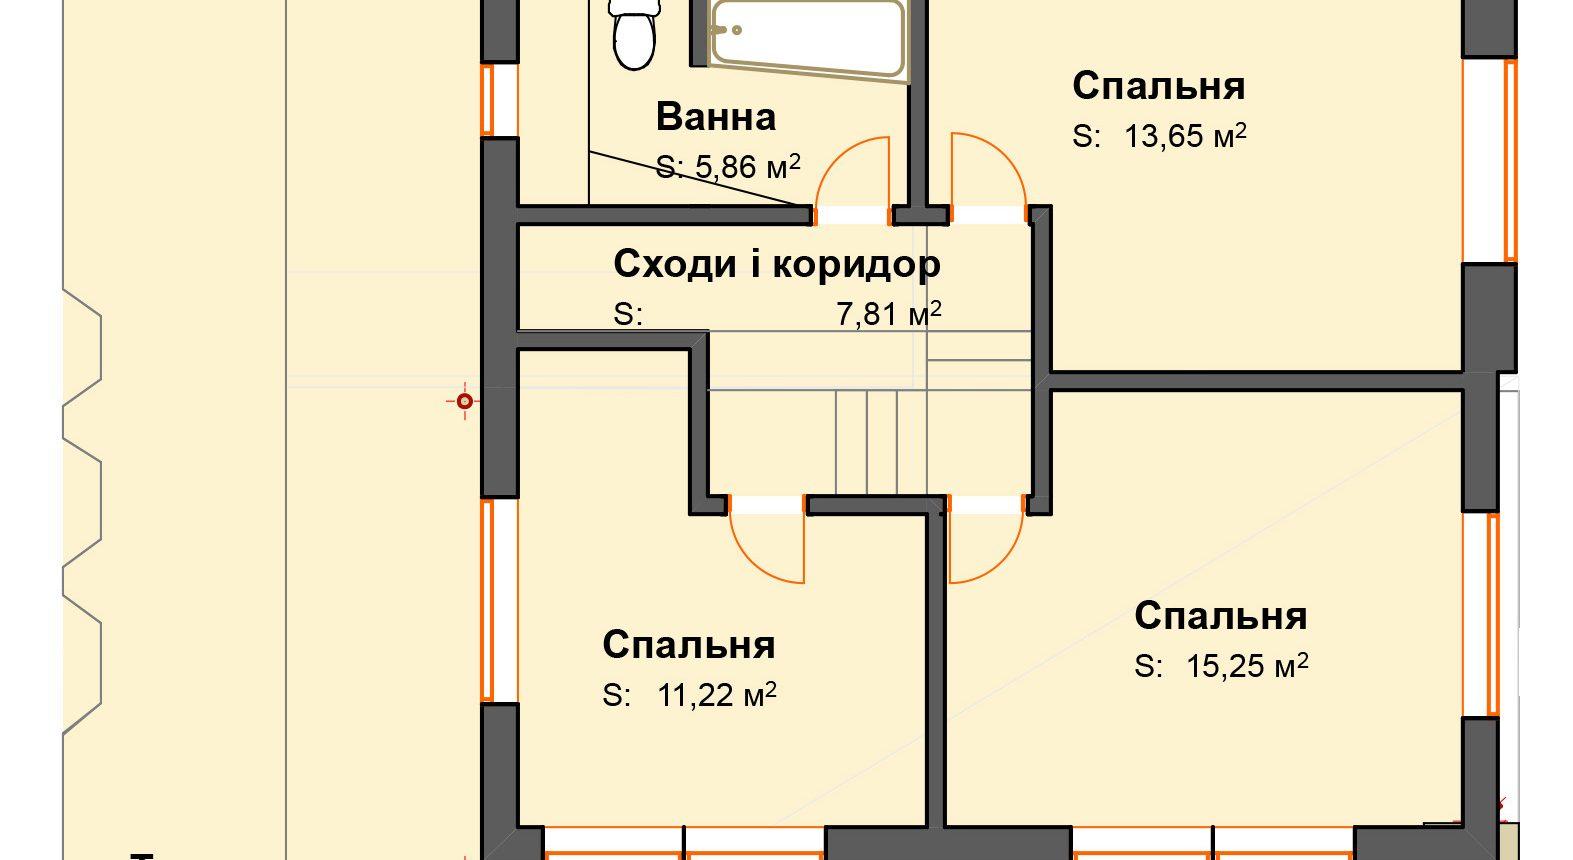 Typovy2 для генплану _ 2. 2-й этаж